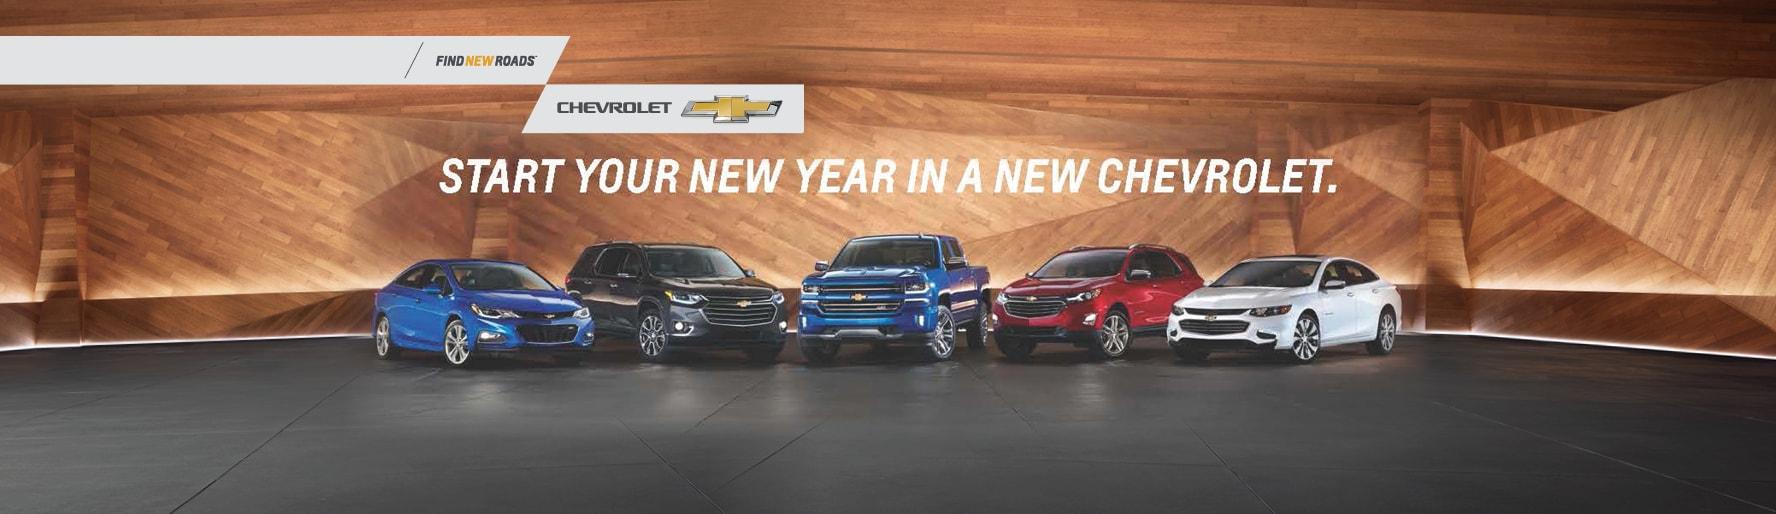 Chevrolet Dealer Near Kansas City Mo Chevrolet Cars In